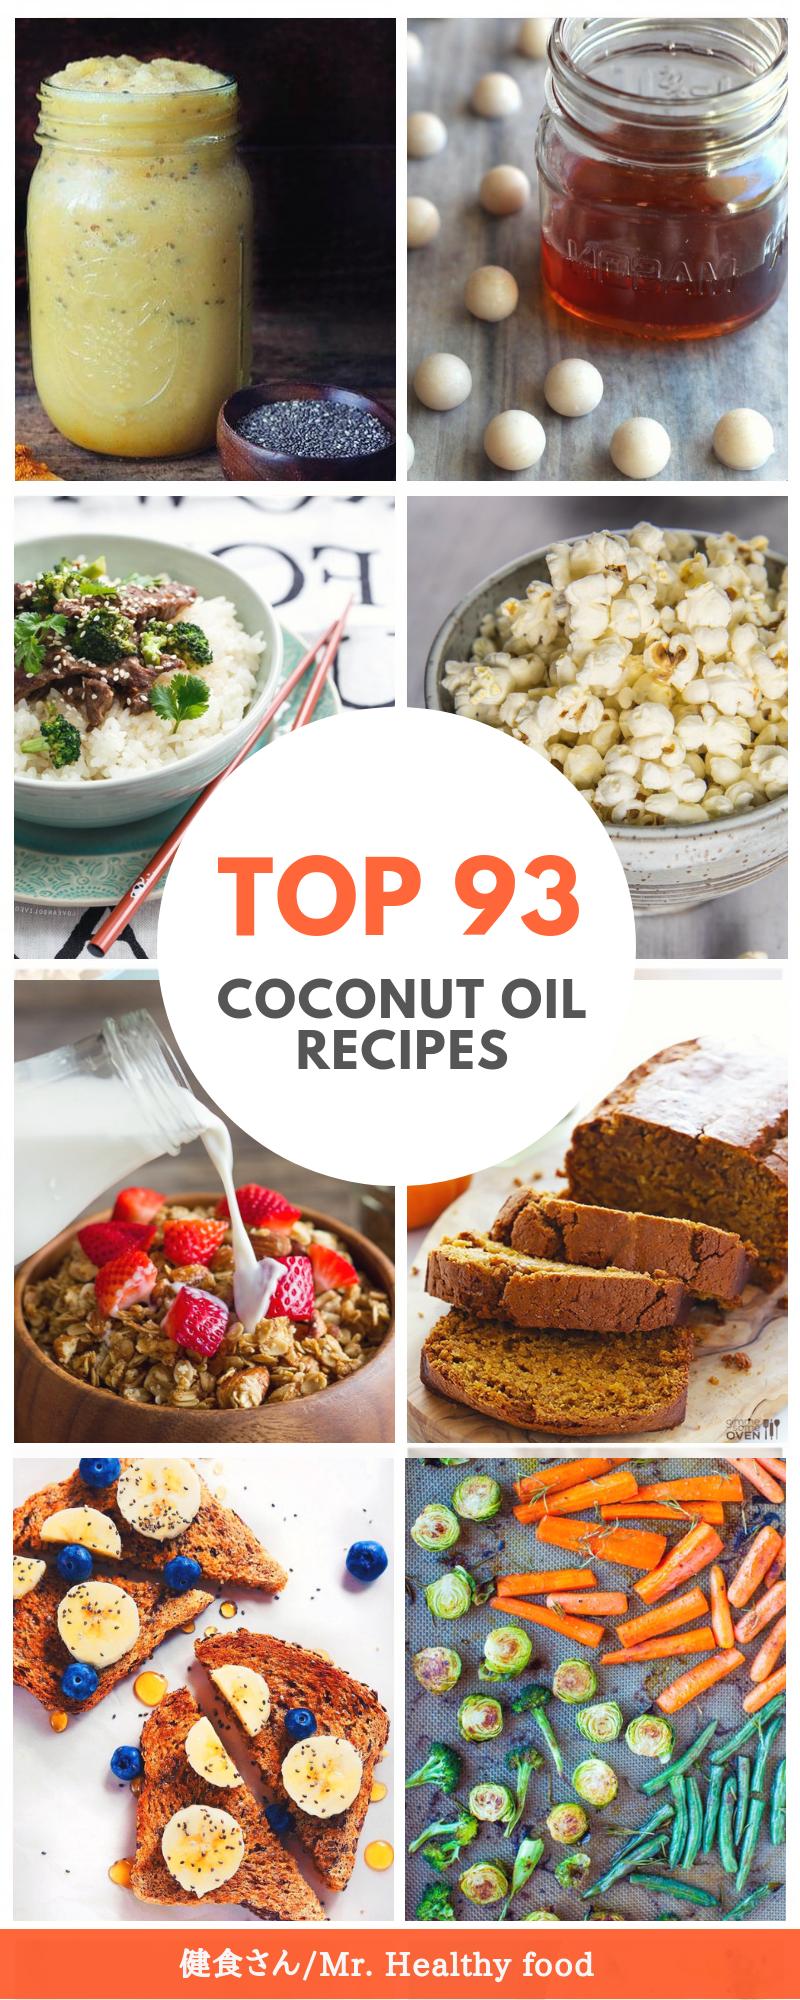 ココナッツオイルレシピのまとめ画像。